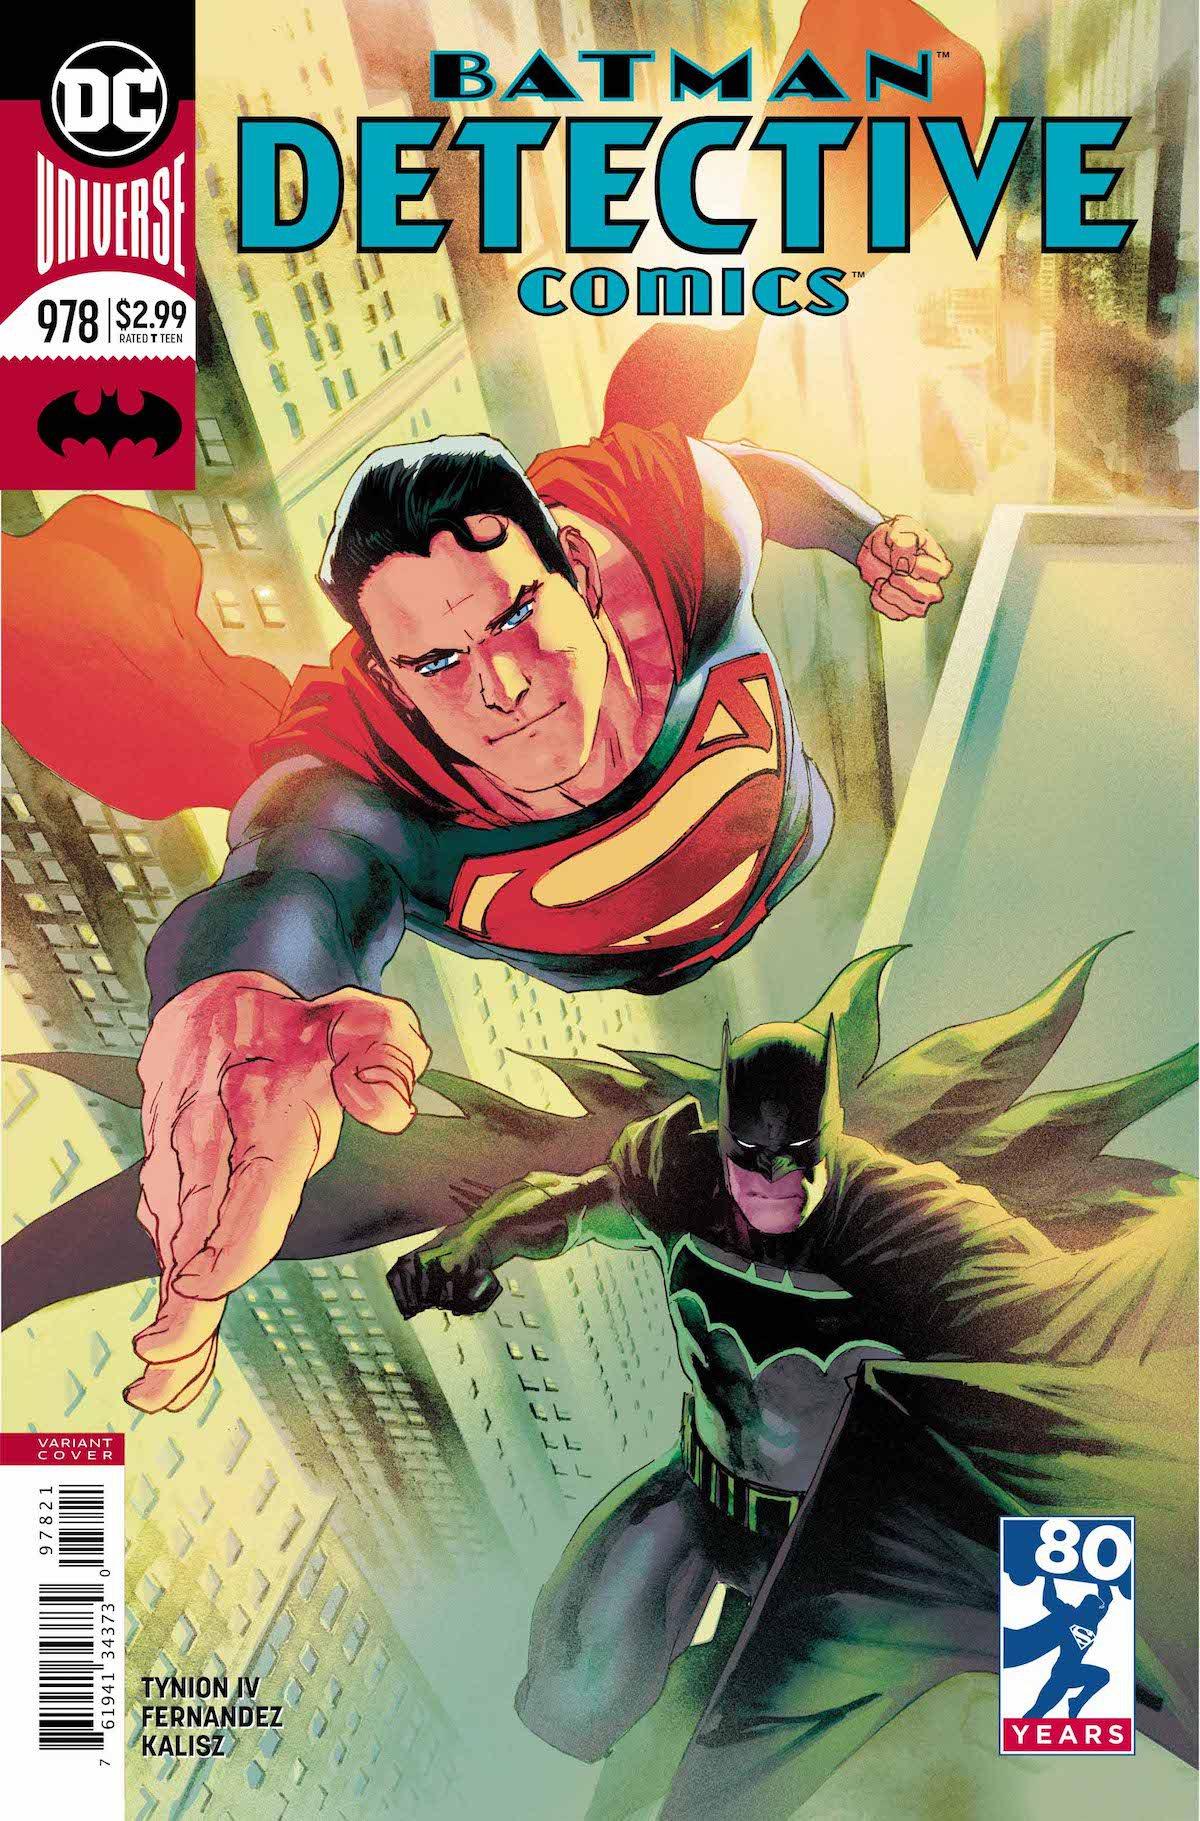 Detective Comics #978 variant cover